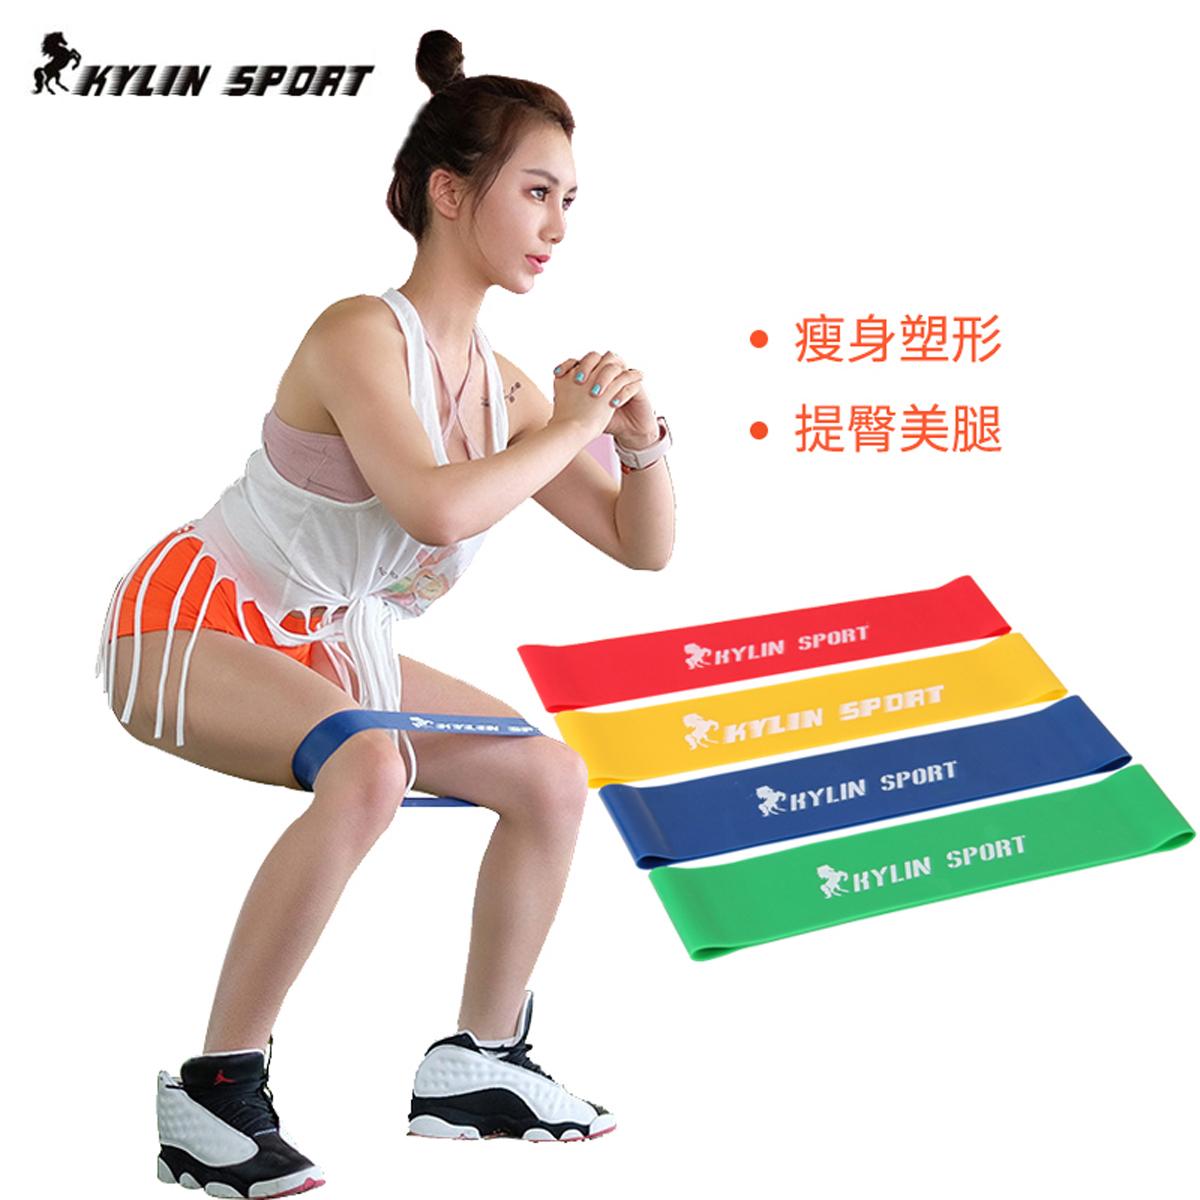 虐臀彈力圈 能量圈田徑訓練器材拉力圈抗阻力帶健美彈力帶翹臀圈